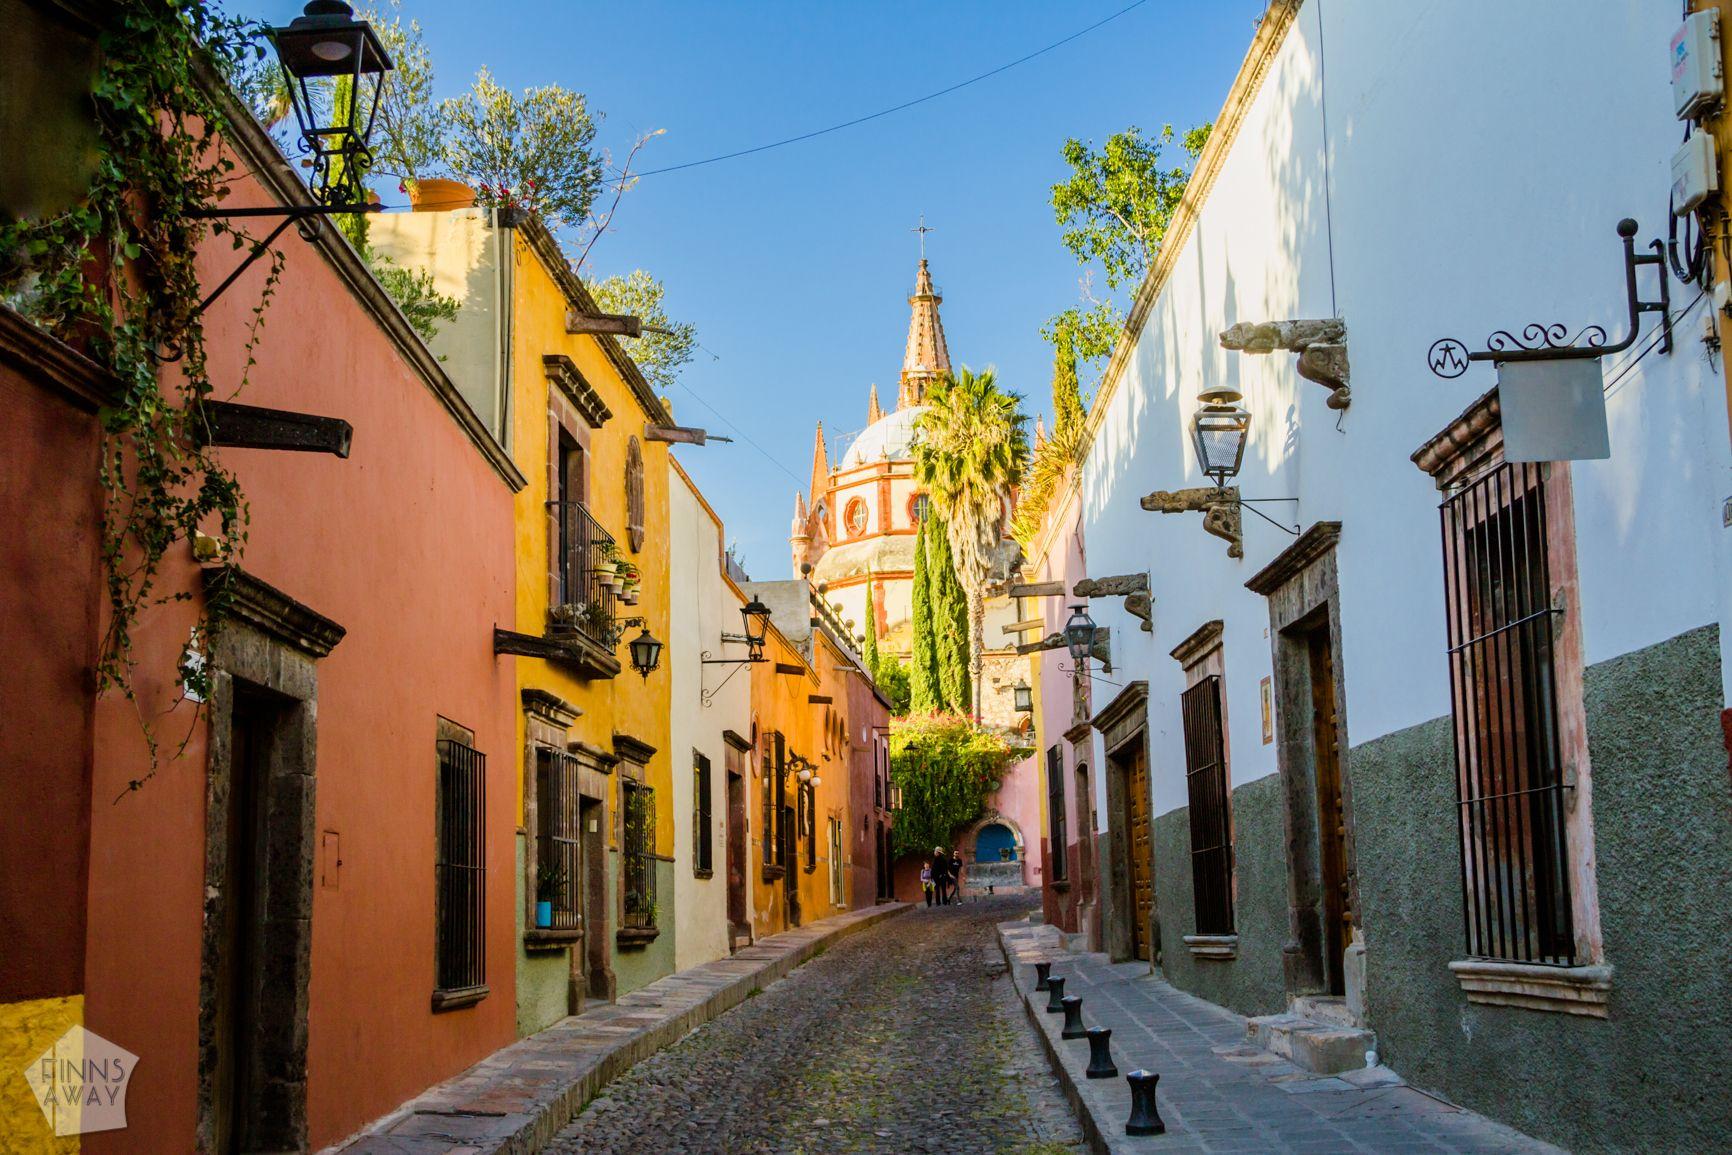 San Miguel de Allende, Guanajuato, Mexico | FinnsAway Travel Blog